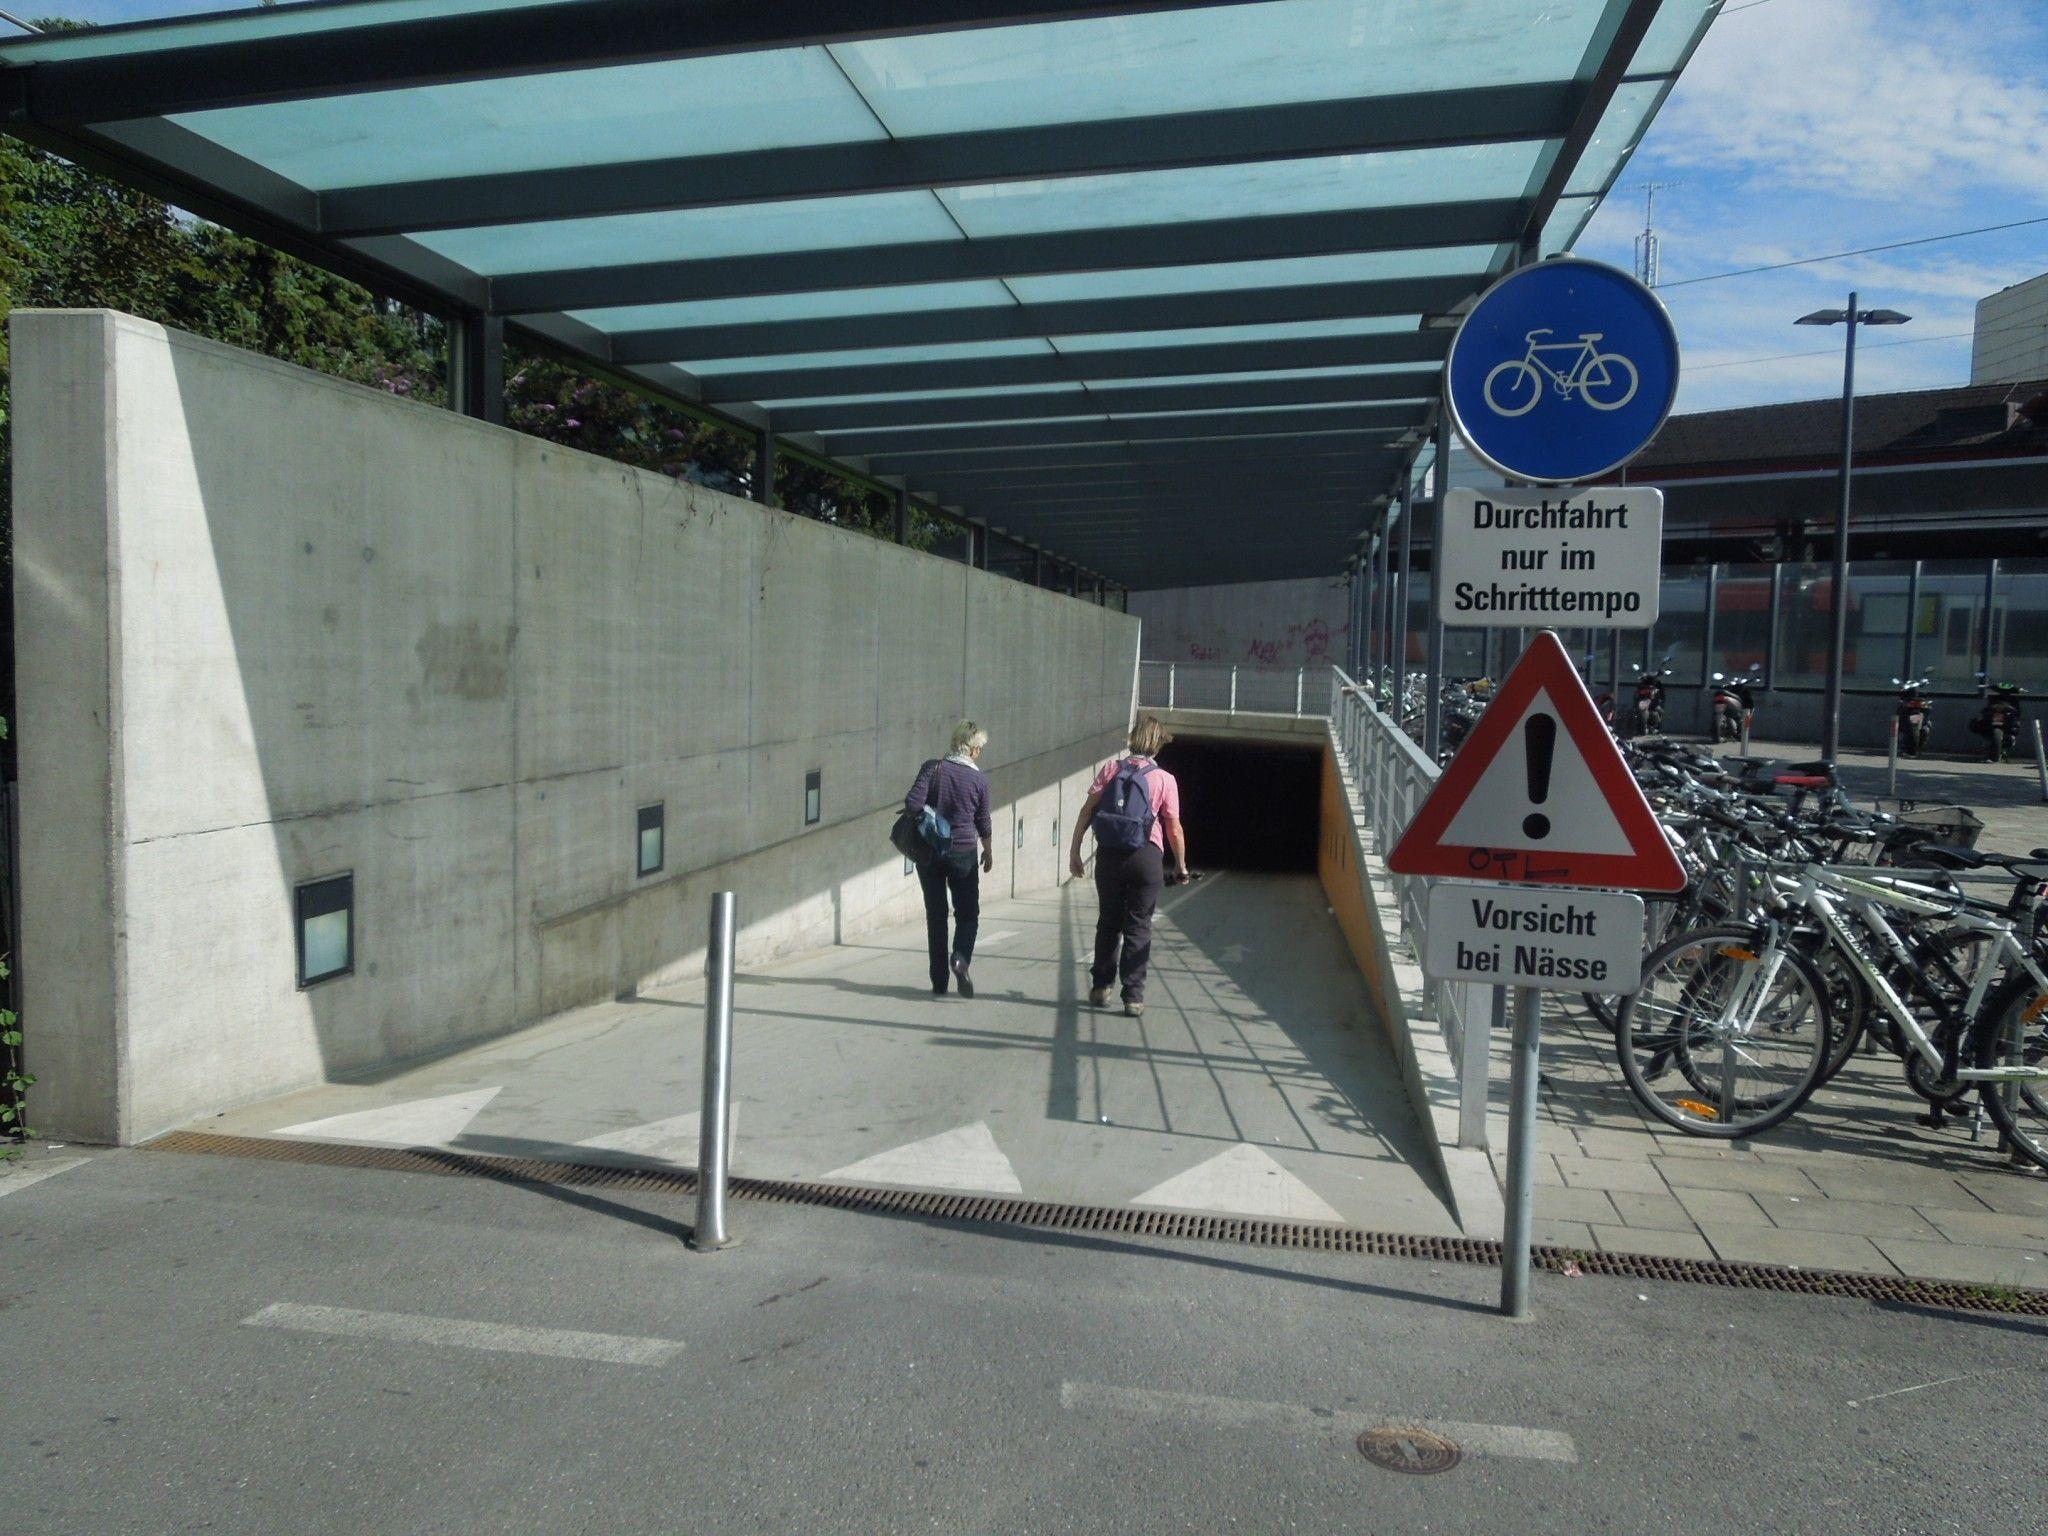 Die Situation hat Dornbirner Bahnhof soll sich in den letzten Tagen deutlich verbessert haben.